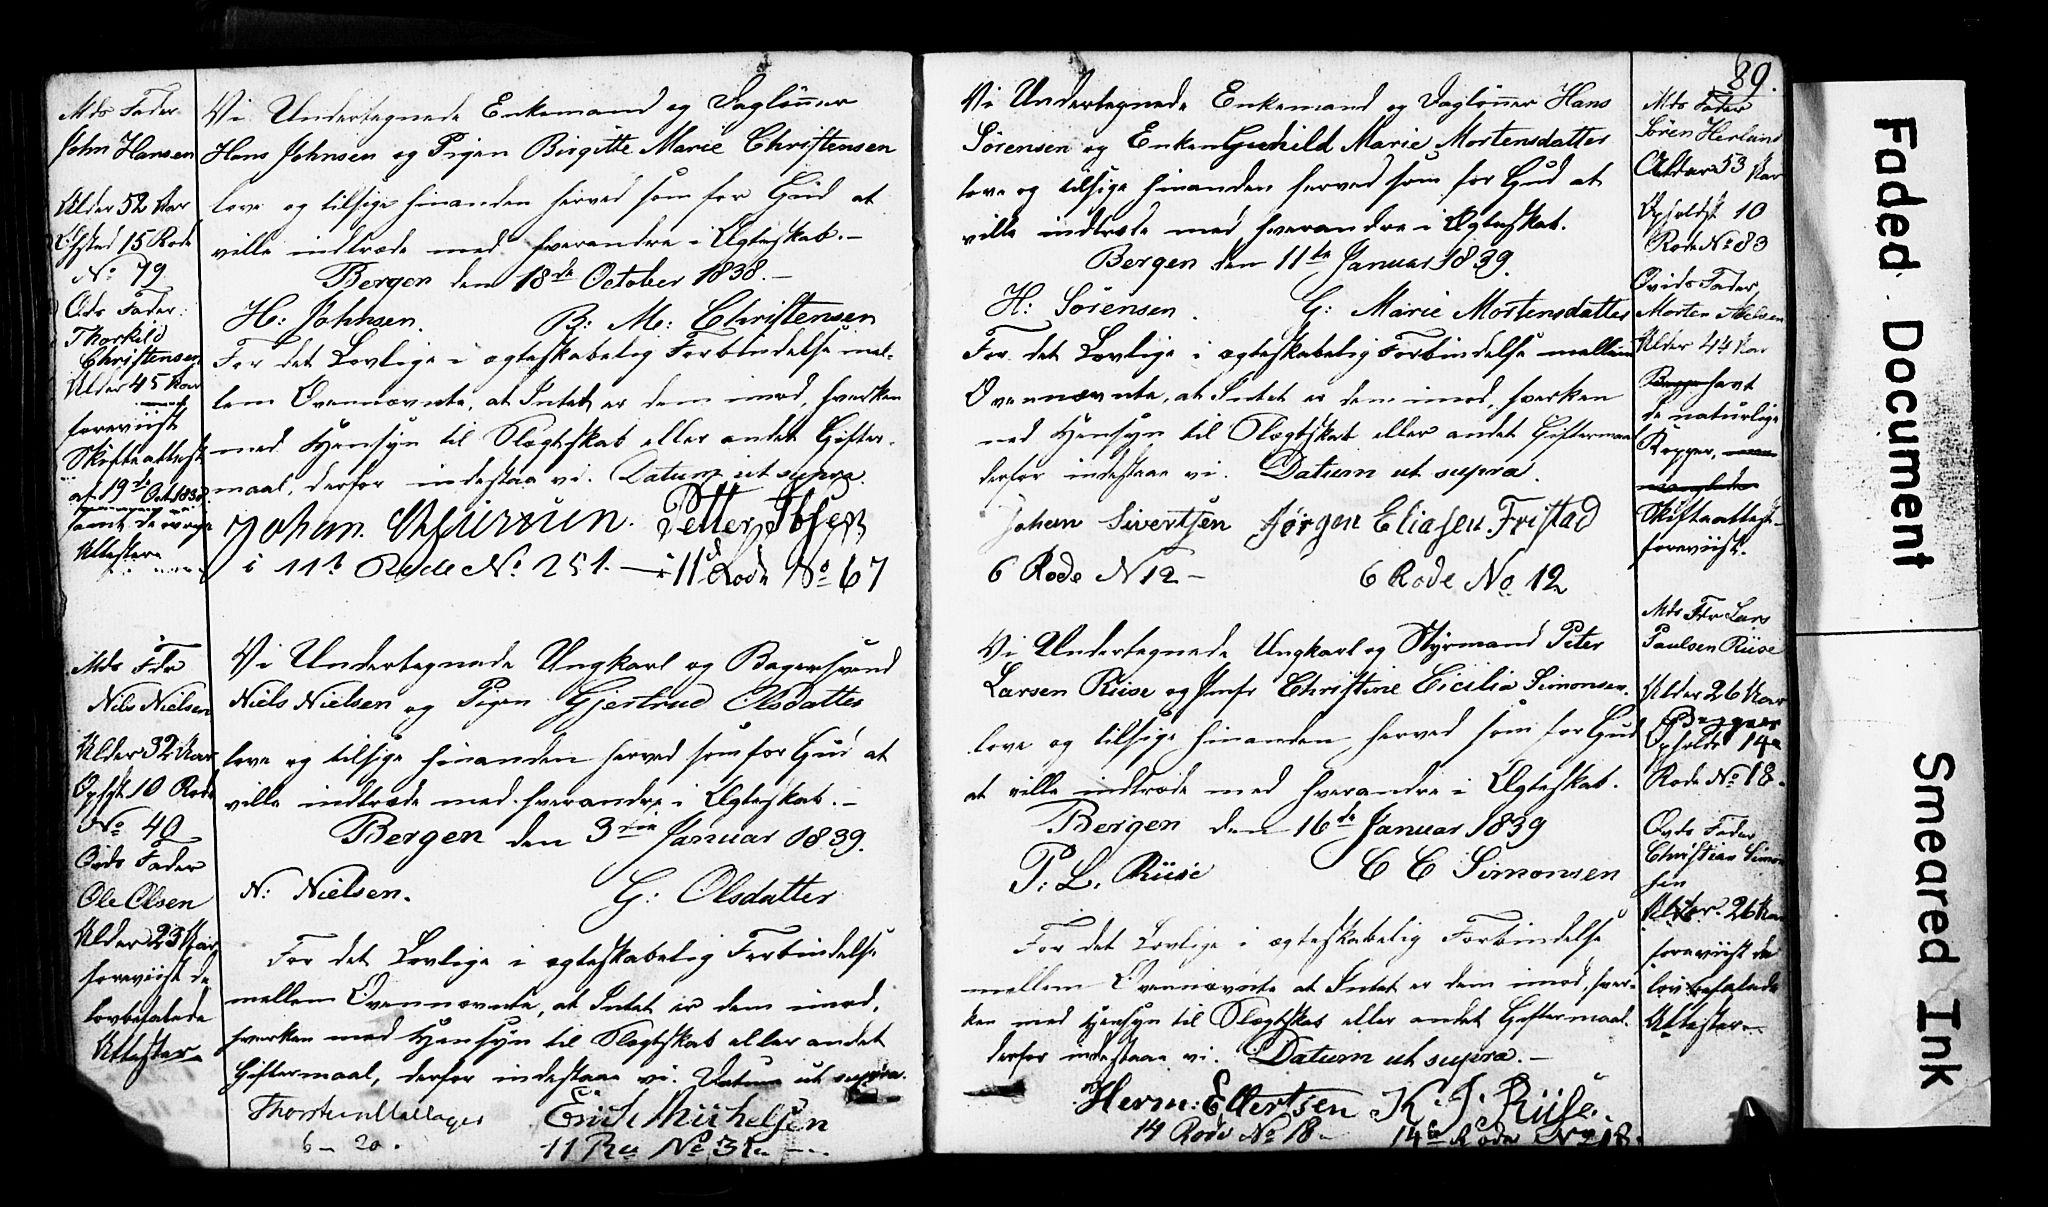 SAB, Domkirken Sokneprestembete, Forlovererklæringer nr. II.5.3, 1832-1845, s. 89